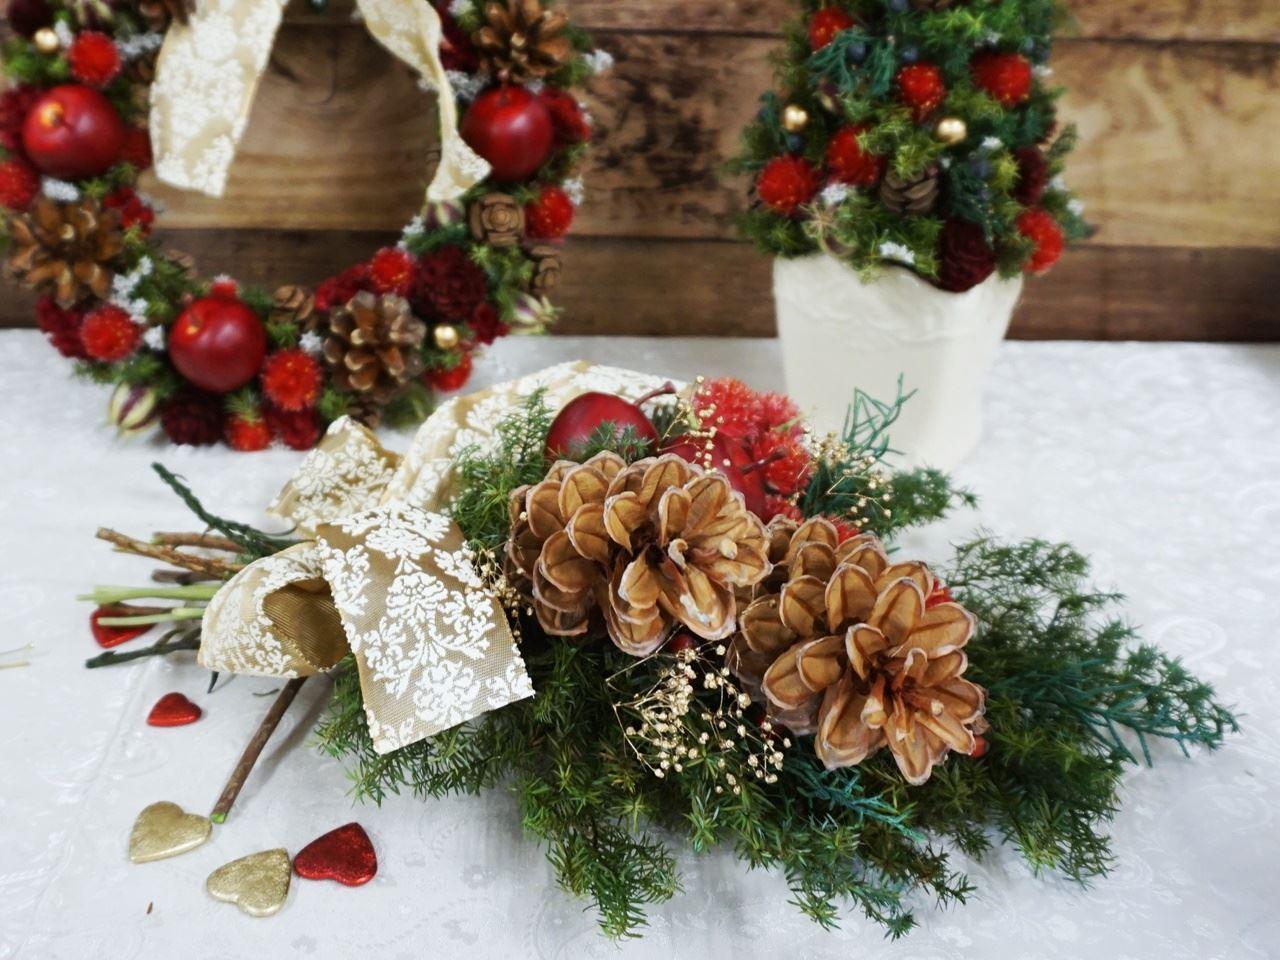 クリスマス「スワッグ ド ルージュ」「ツリー ド ルージュ」「リース ド ルージュ」